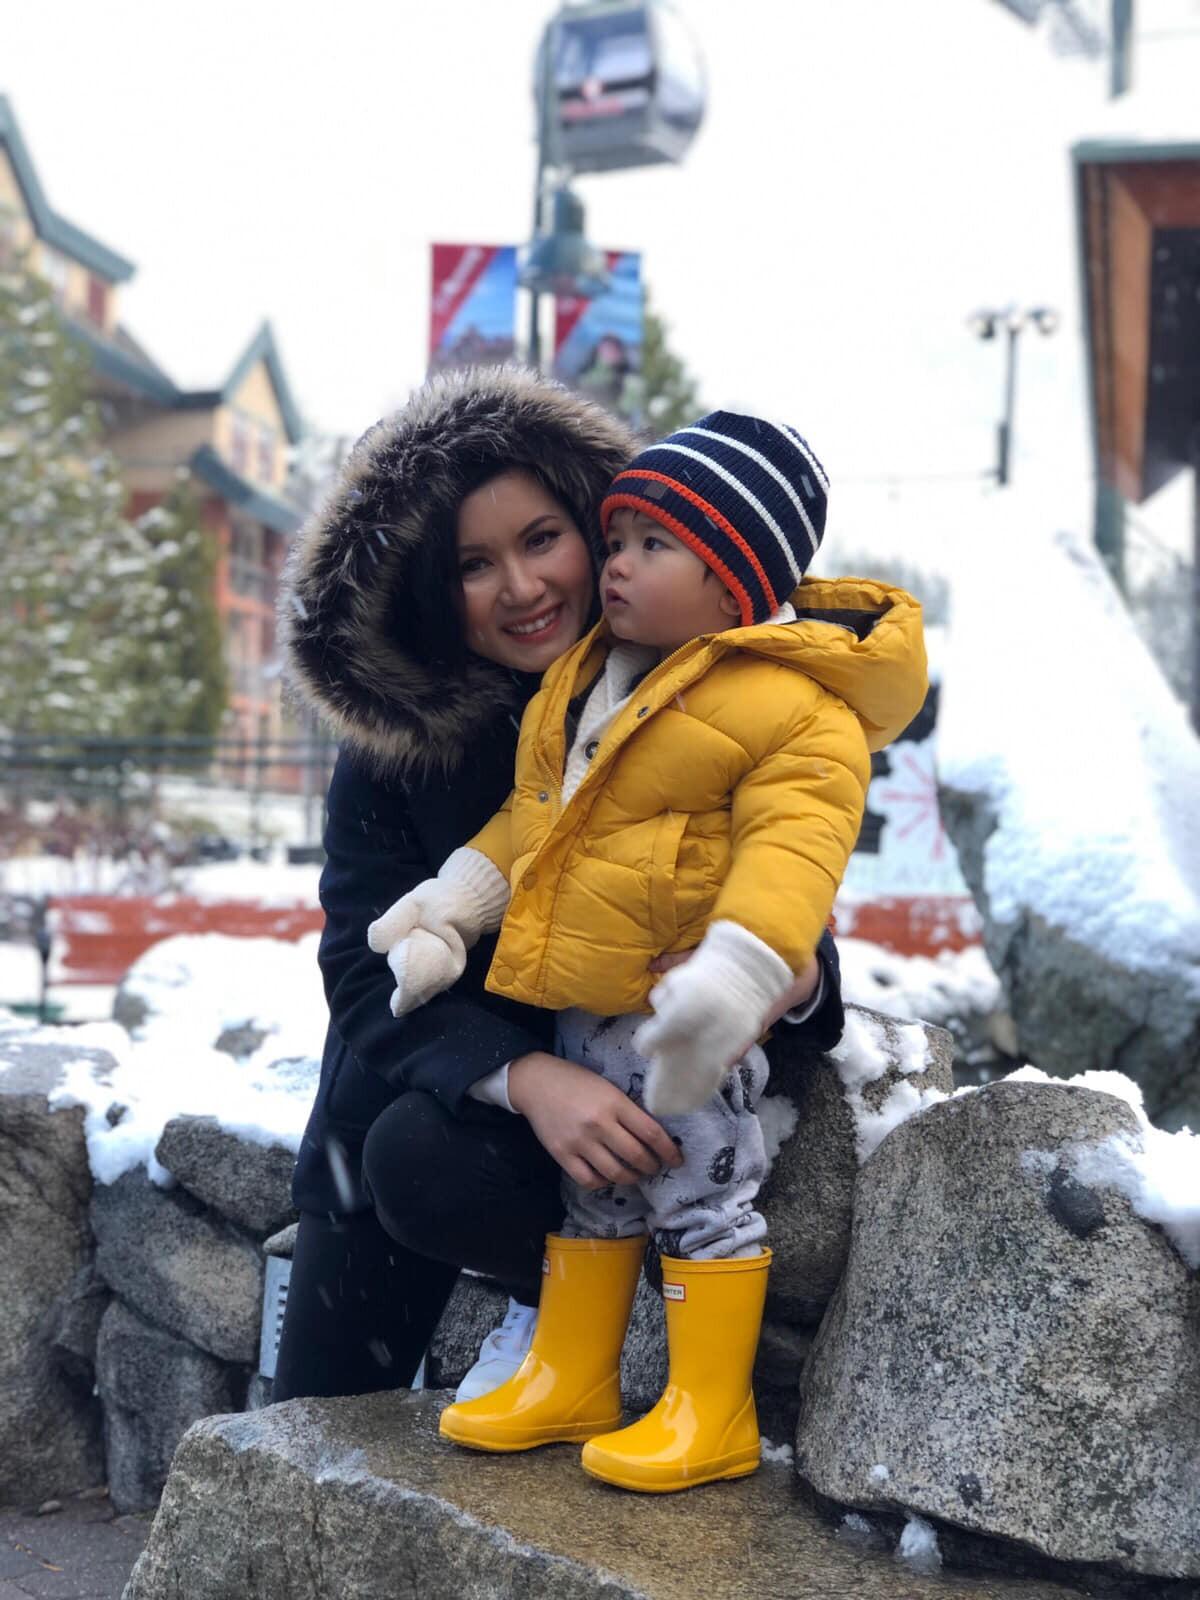 Cuộc sống không như mơ của bà xã sao Việt nơi trời Tây: xa chồng thường xuyên, vừa làm việc vừa chăm sóc con nhỏ - Ảnh 2.